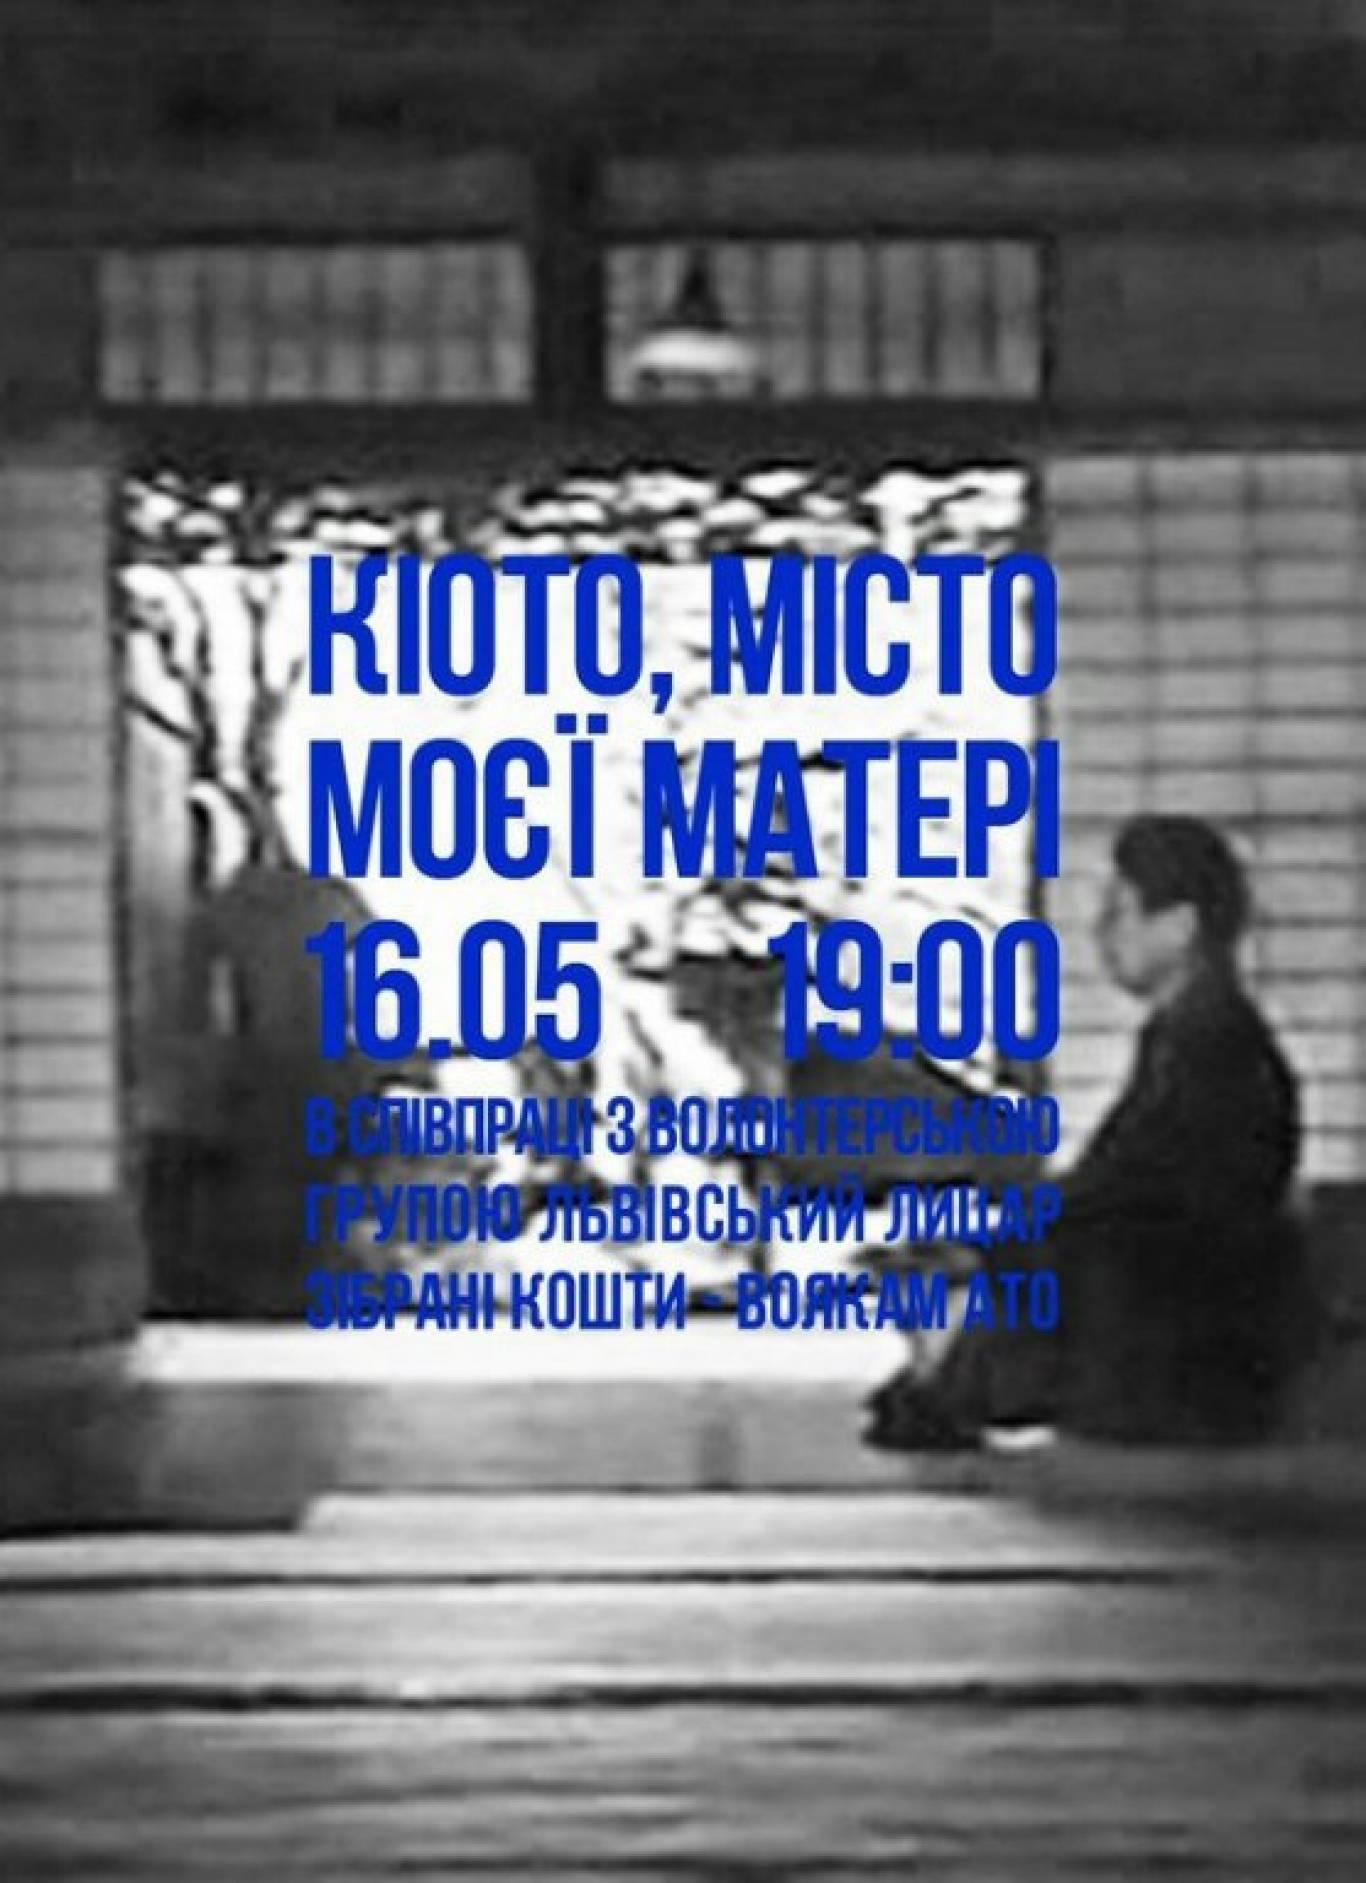 """Перегляд фільму """"Кіото, місто моєї матері"""""""